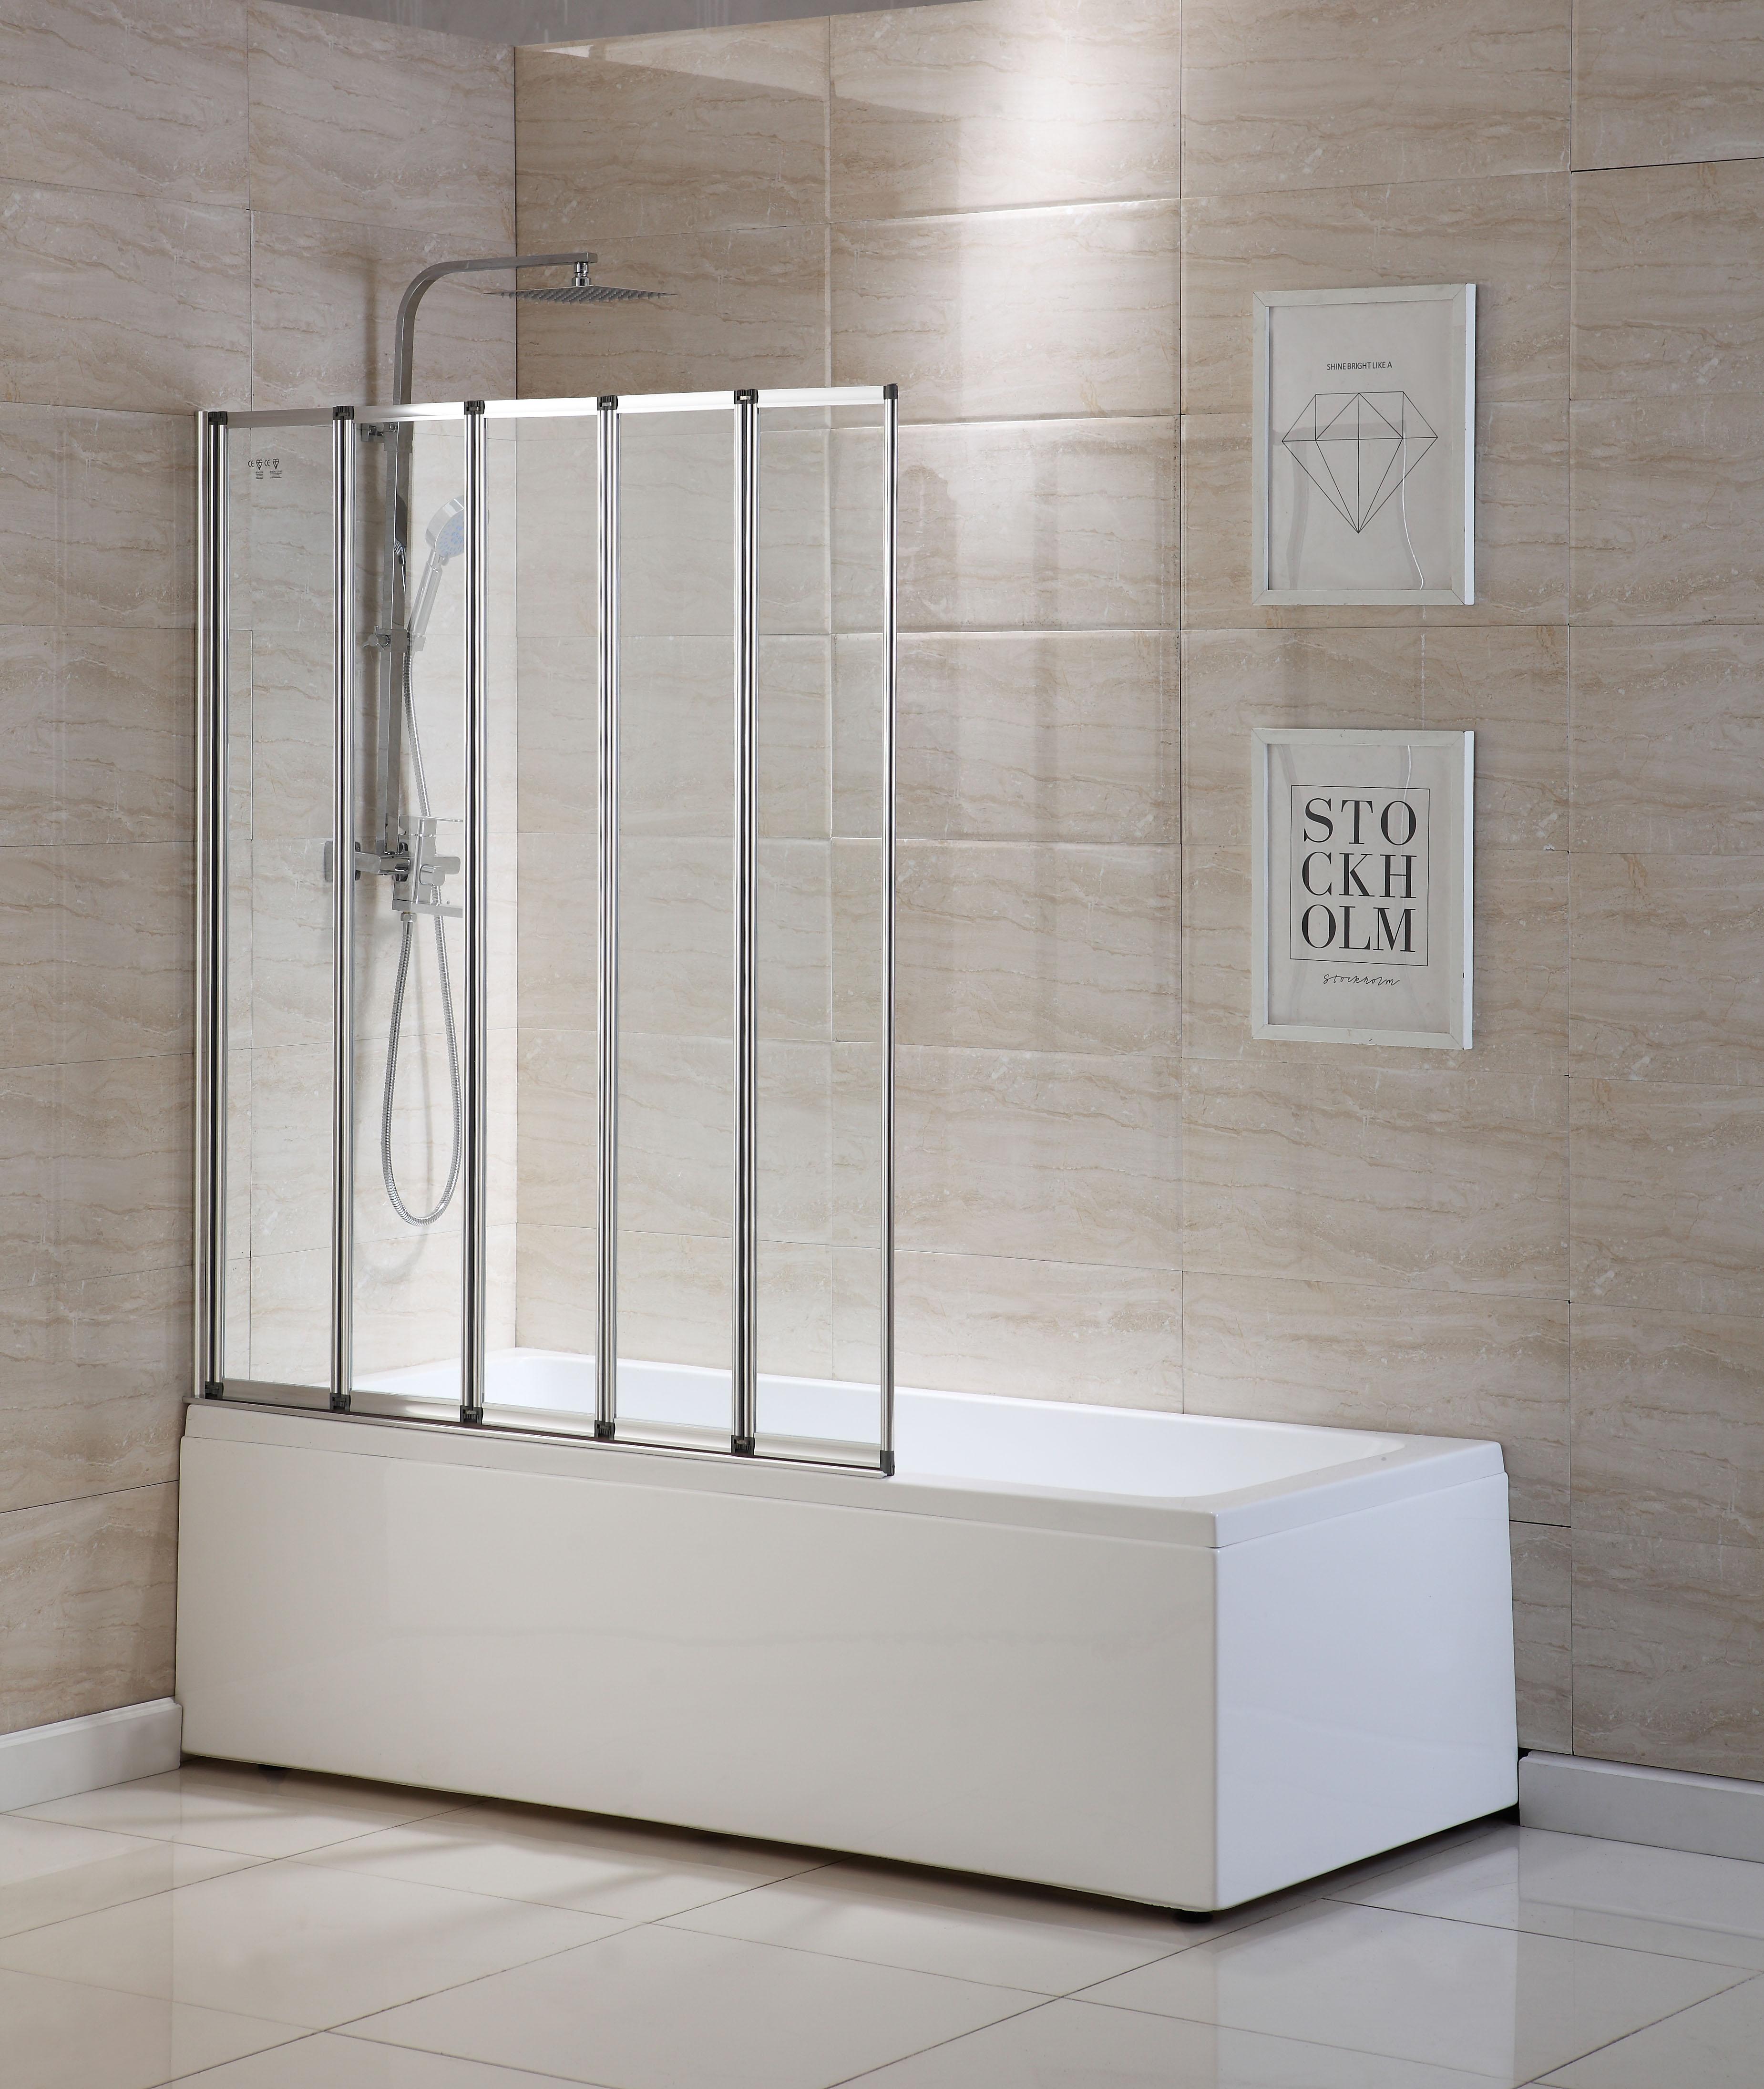 5 Fold 1200x1400mm Matt Silver Folding Bath Shower Screen Door Panel